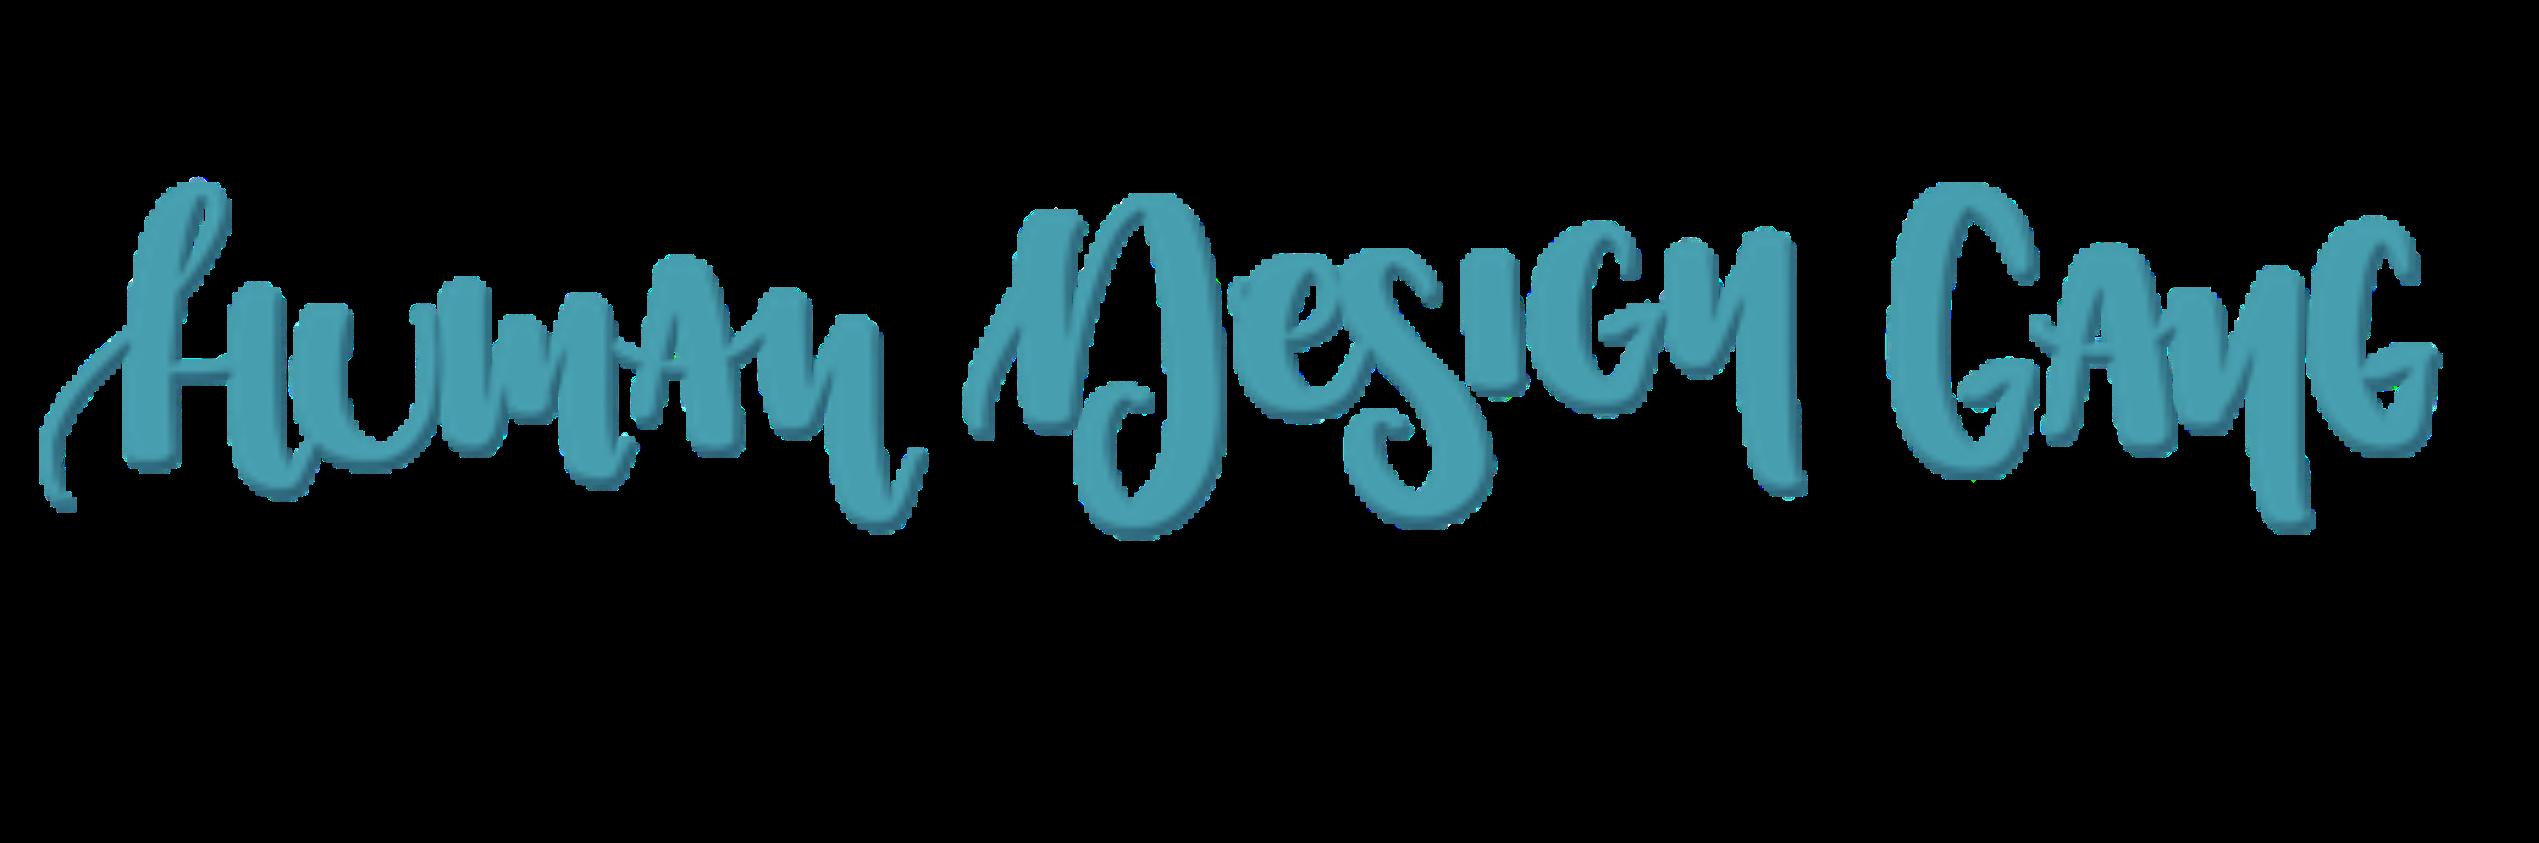 Human Design Gang